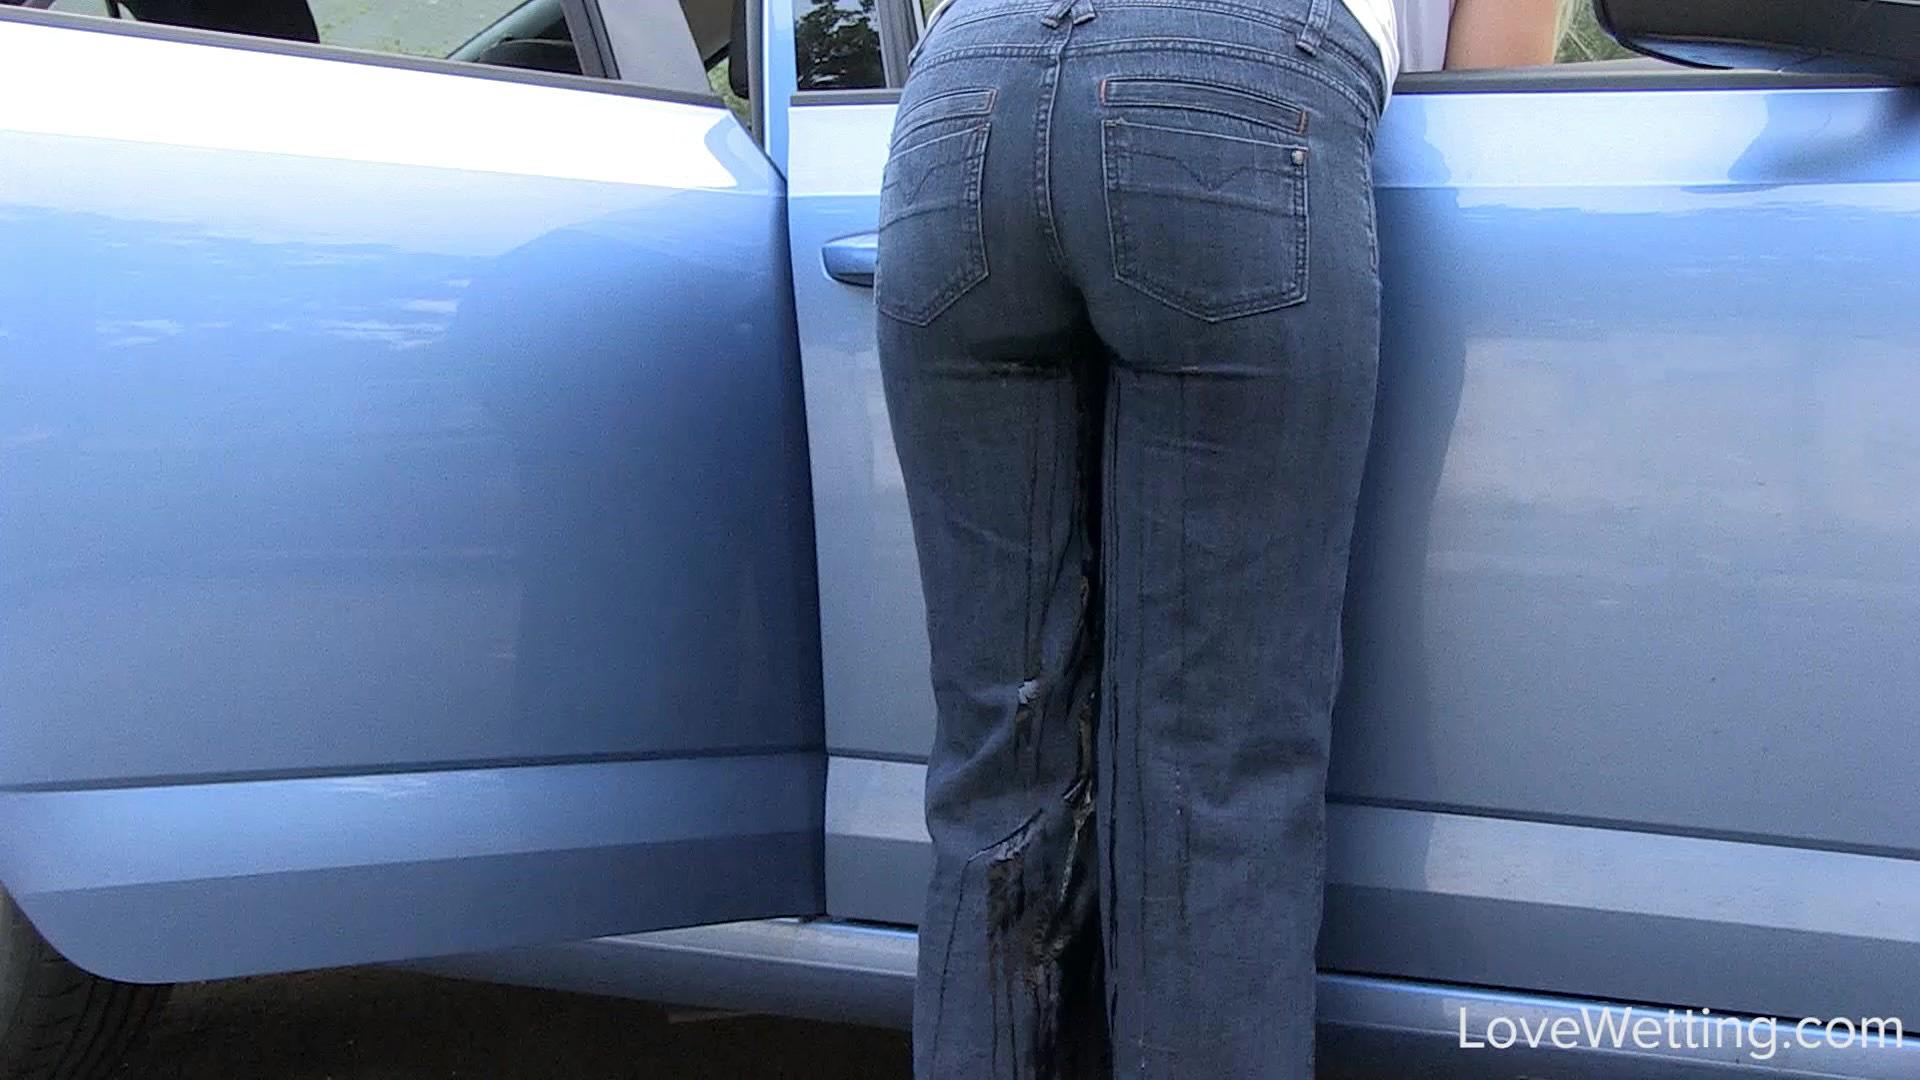 что девушка описалась в машине дед, какими чистыми